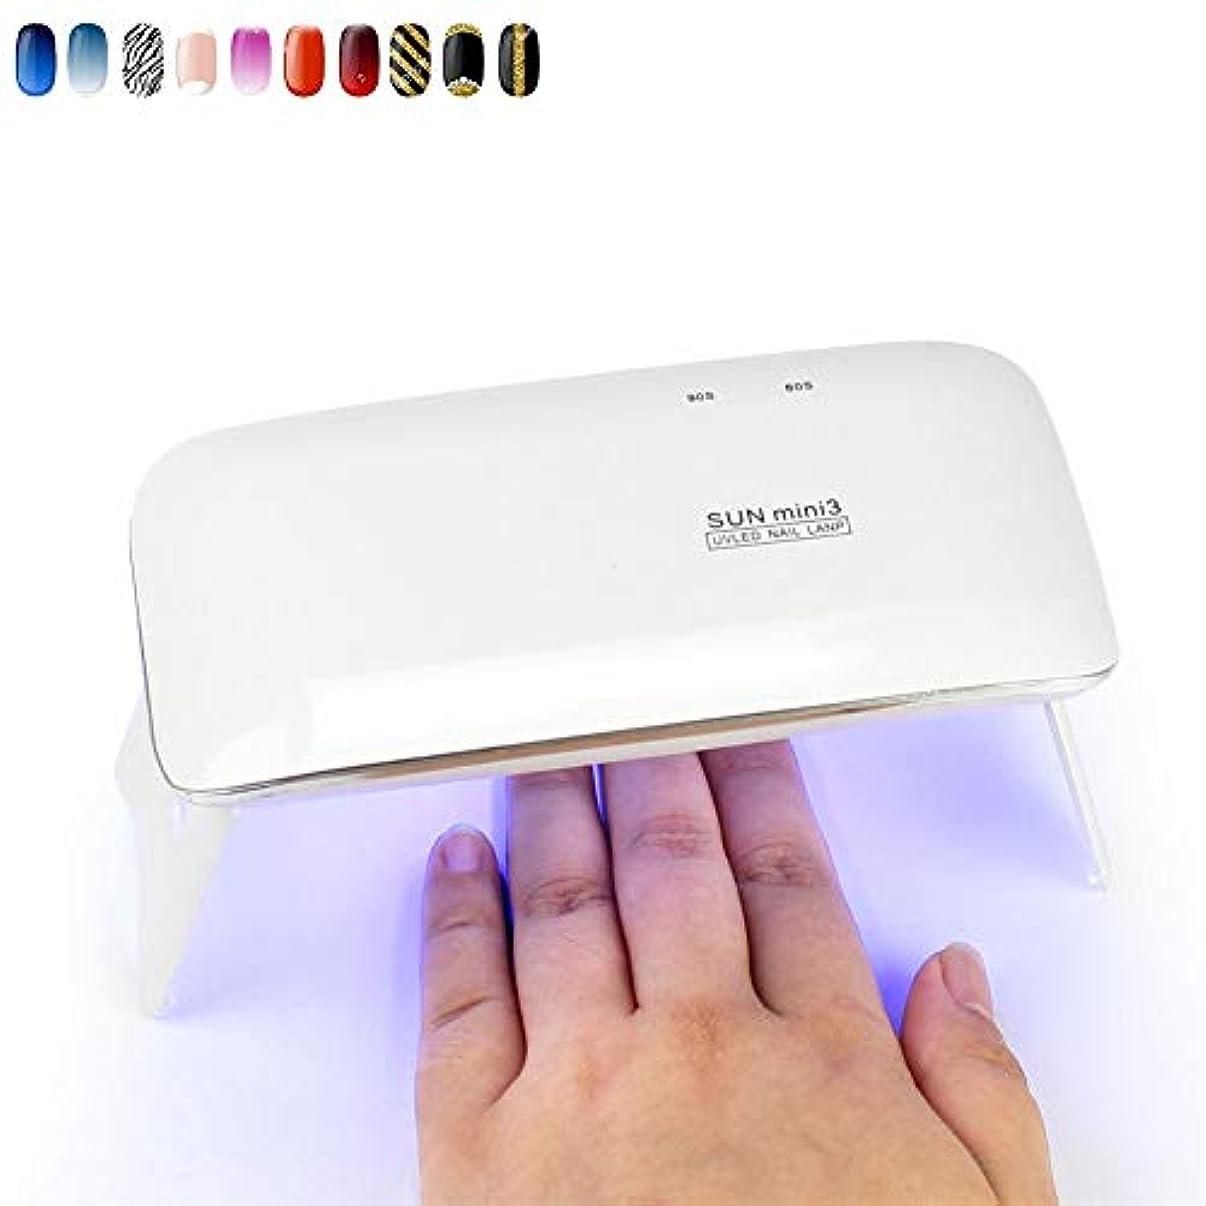 ホステル容器金銭的なネイル用ランプおよびジェルポリッシュランプLEDミニネイルスタッドライト6W USB充電ネイルドライヤー高速硬化ジェルワニス